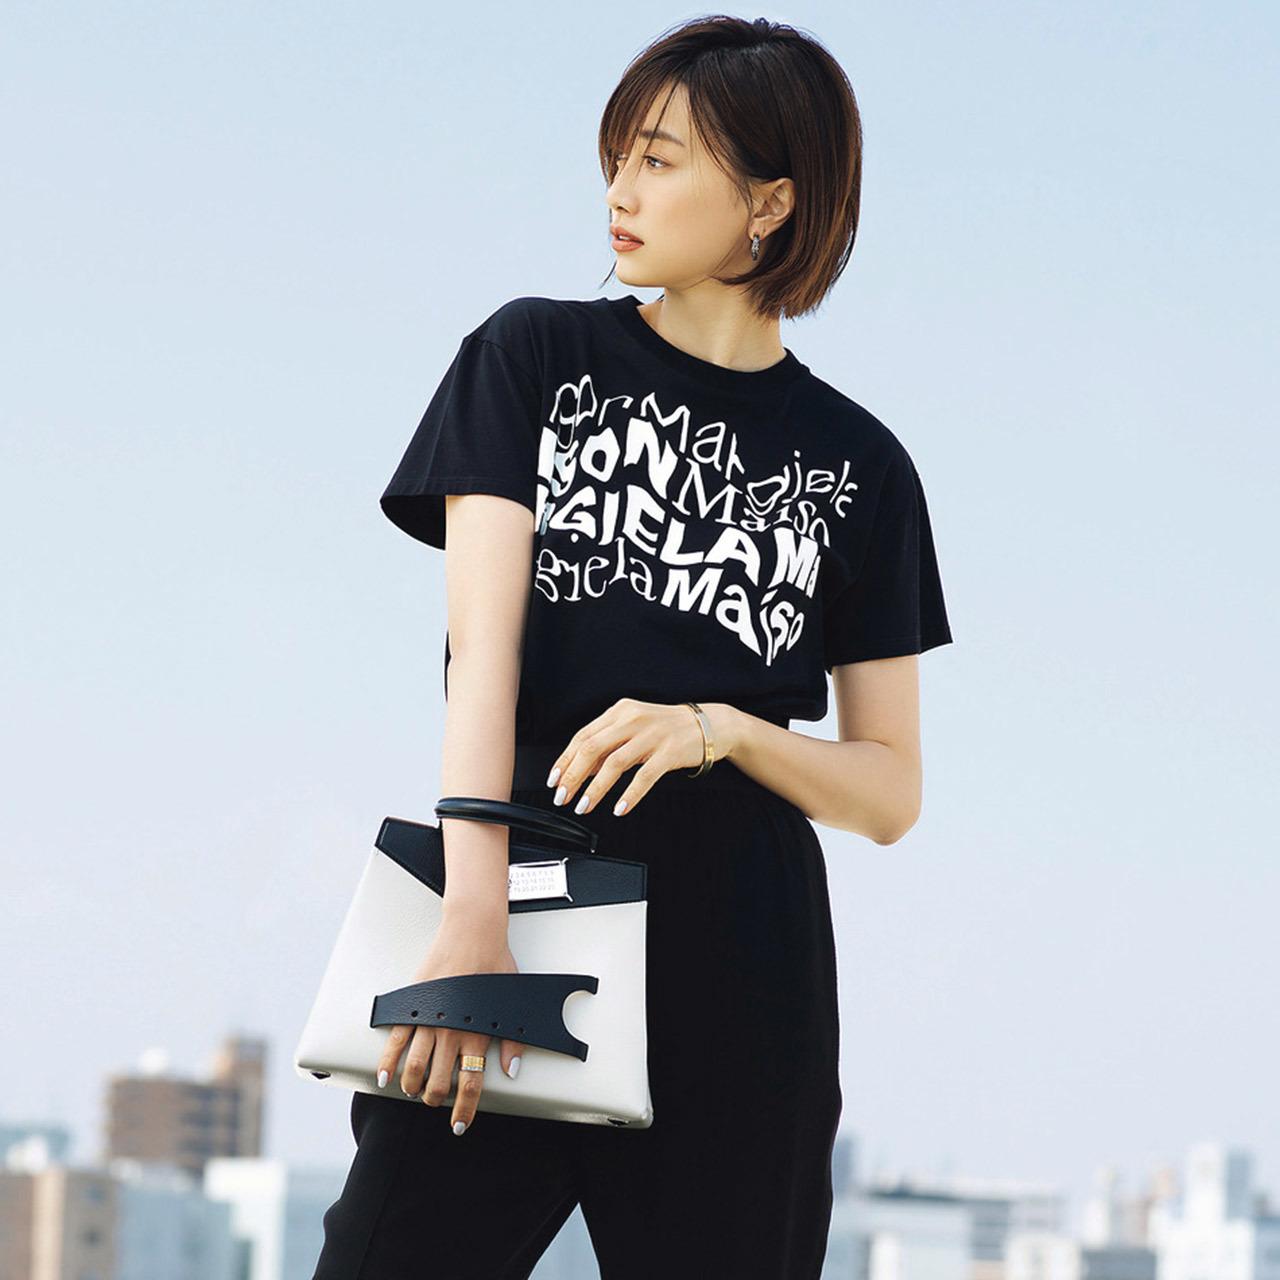 黒Tシャツ×メゾン マルジェラのクラッチバッグ